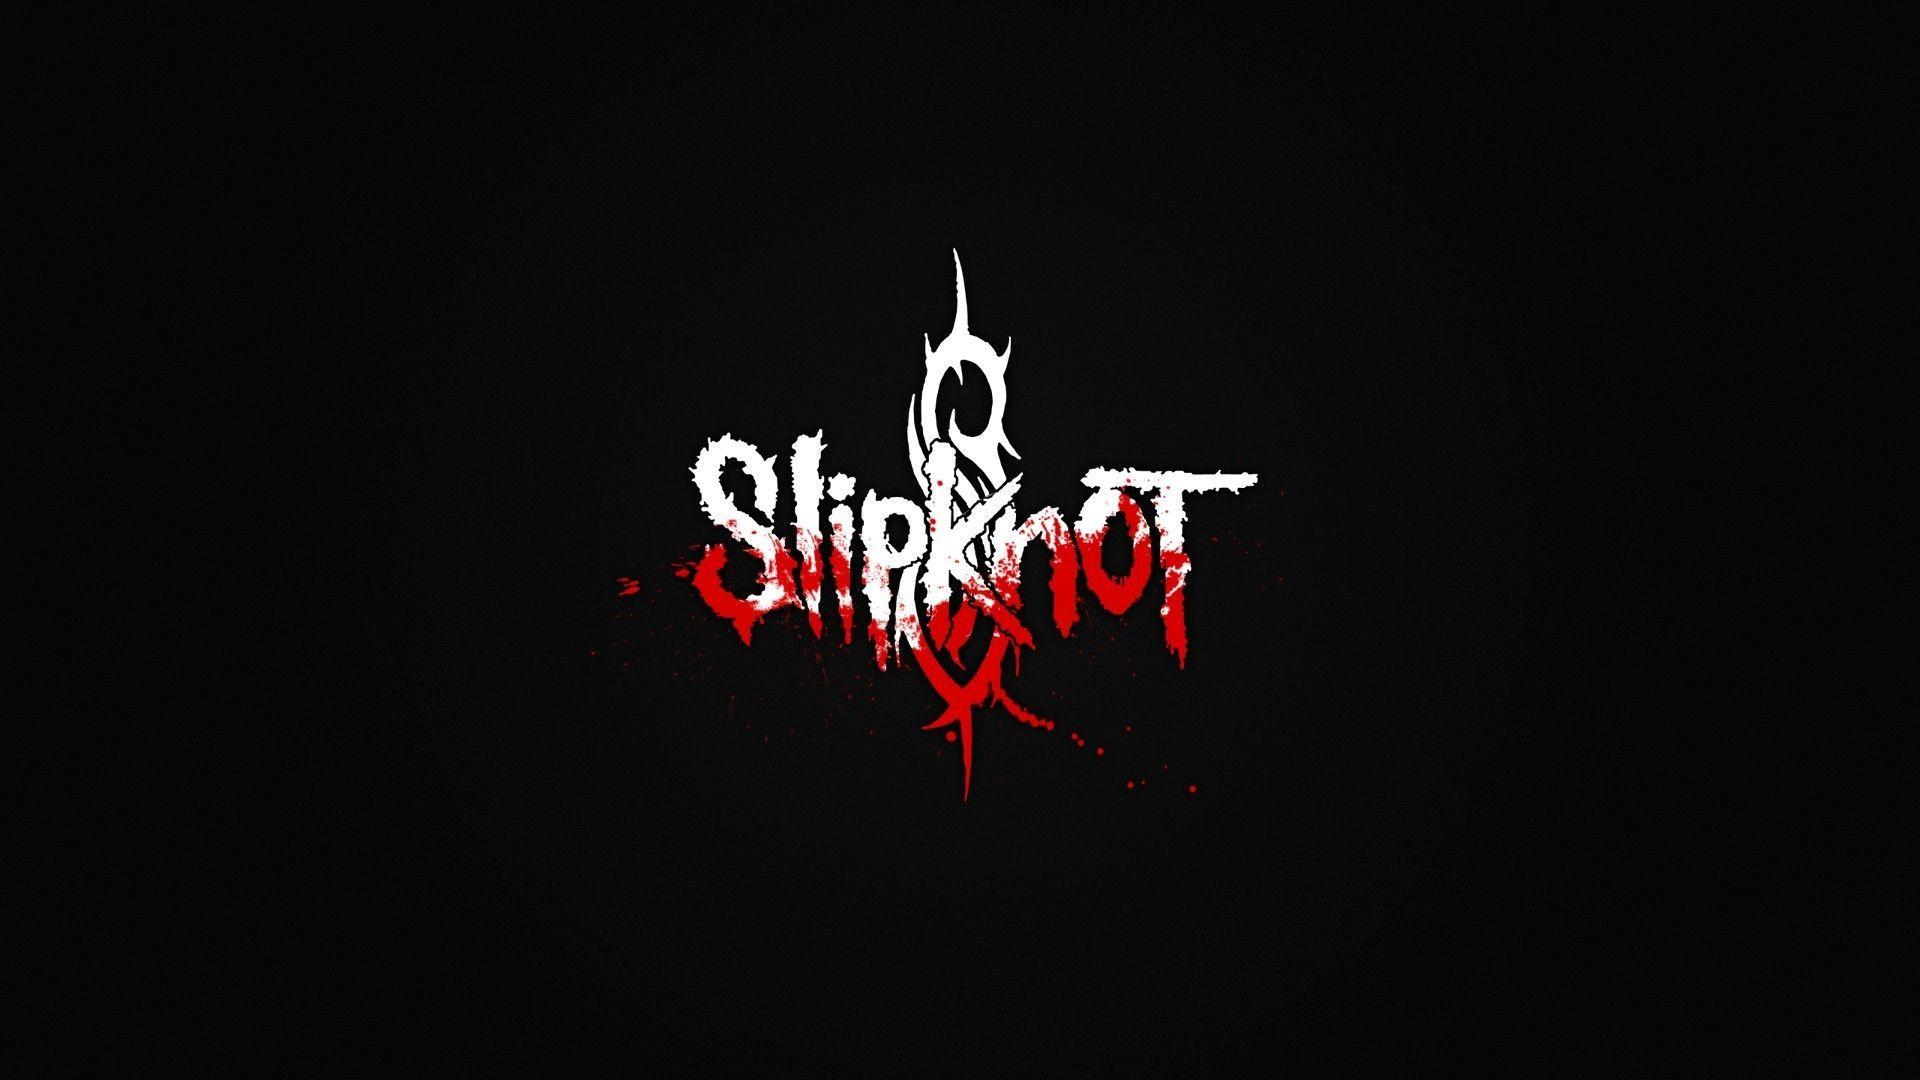 Slipknot Logo Wallpapers Wallpaper Cave Slipknot Logo Slipknot Hd Wallpaper